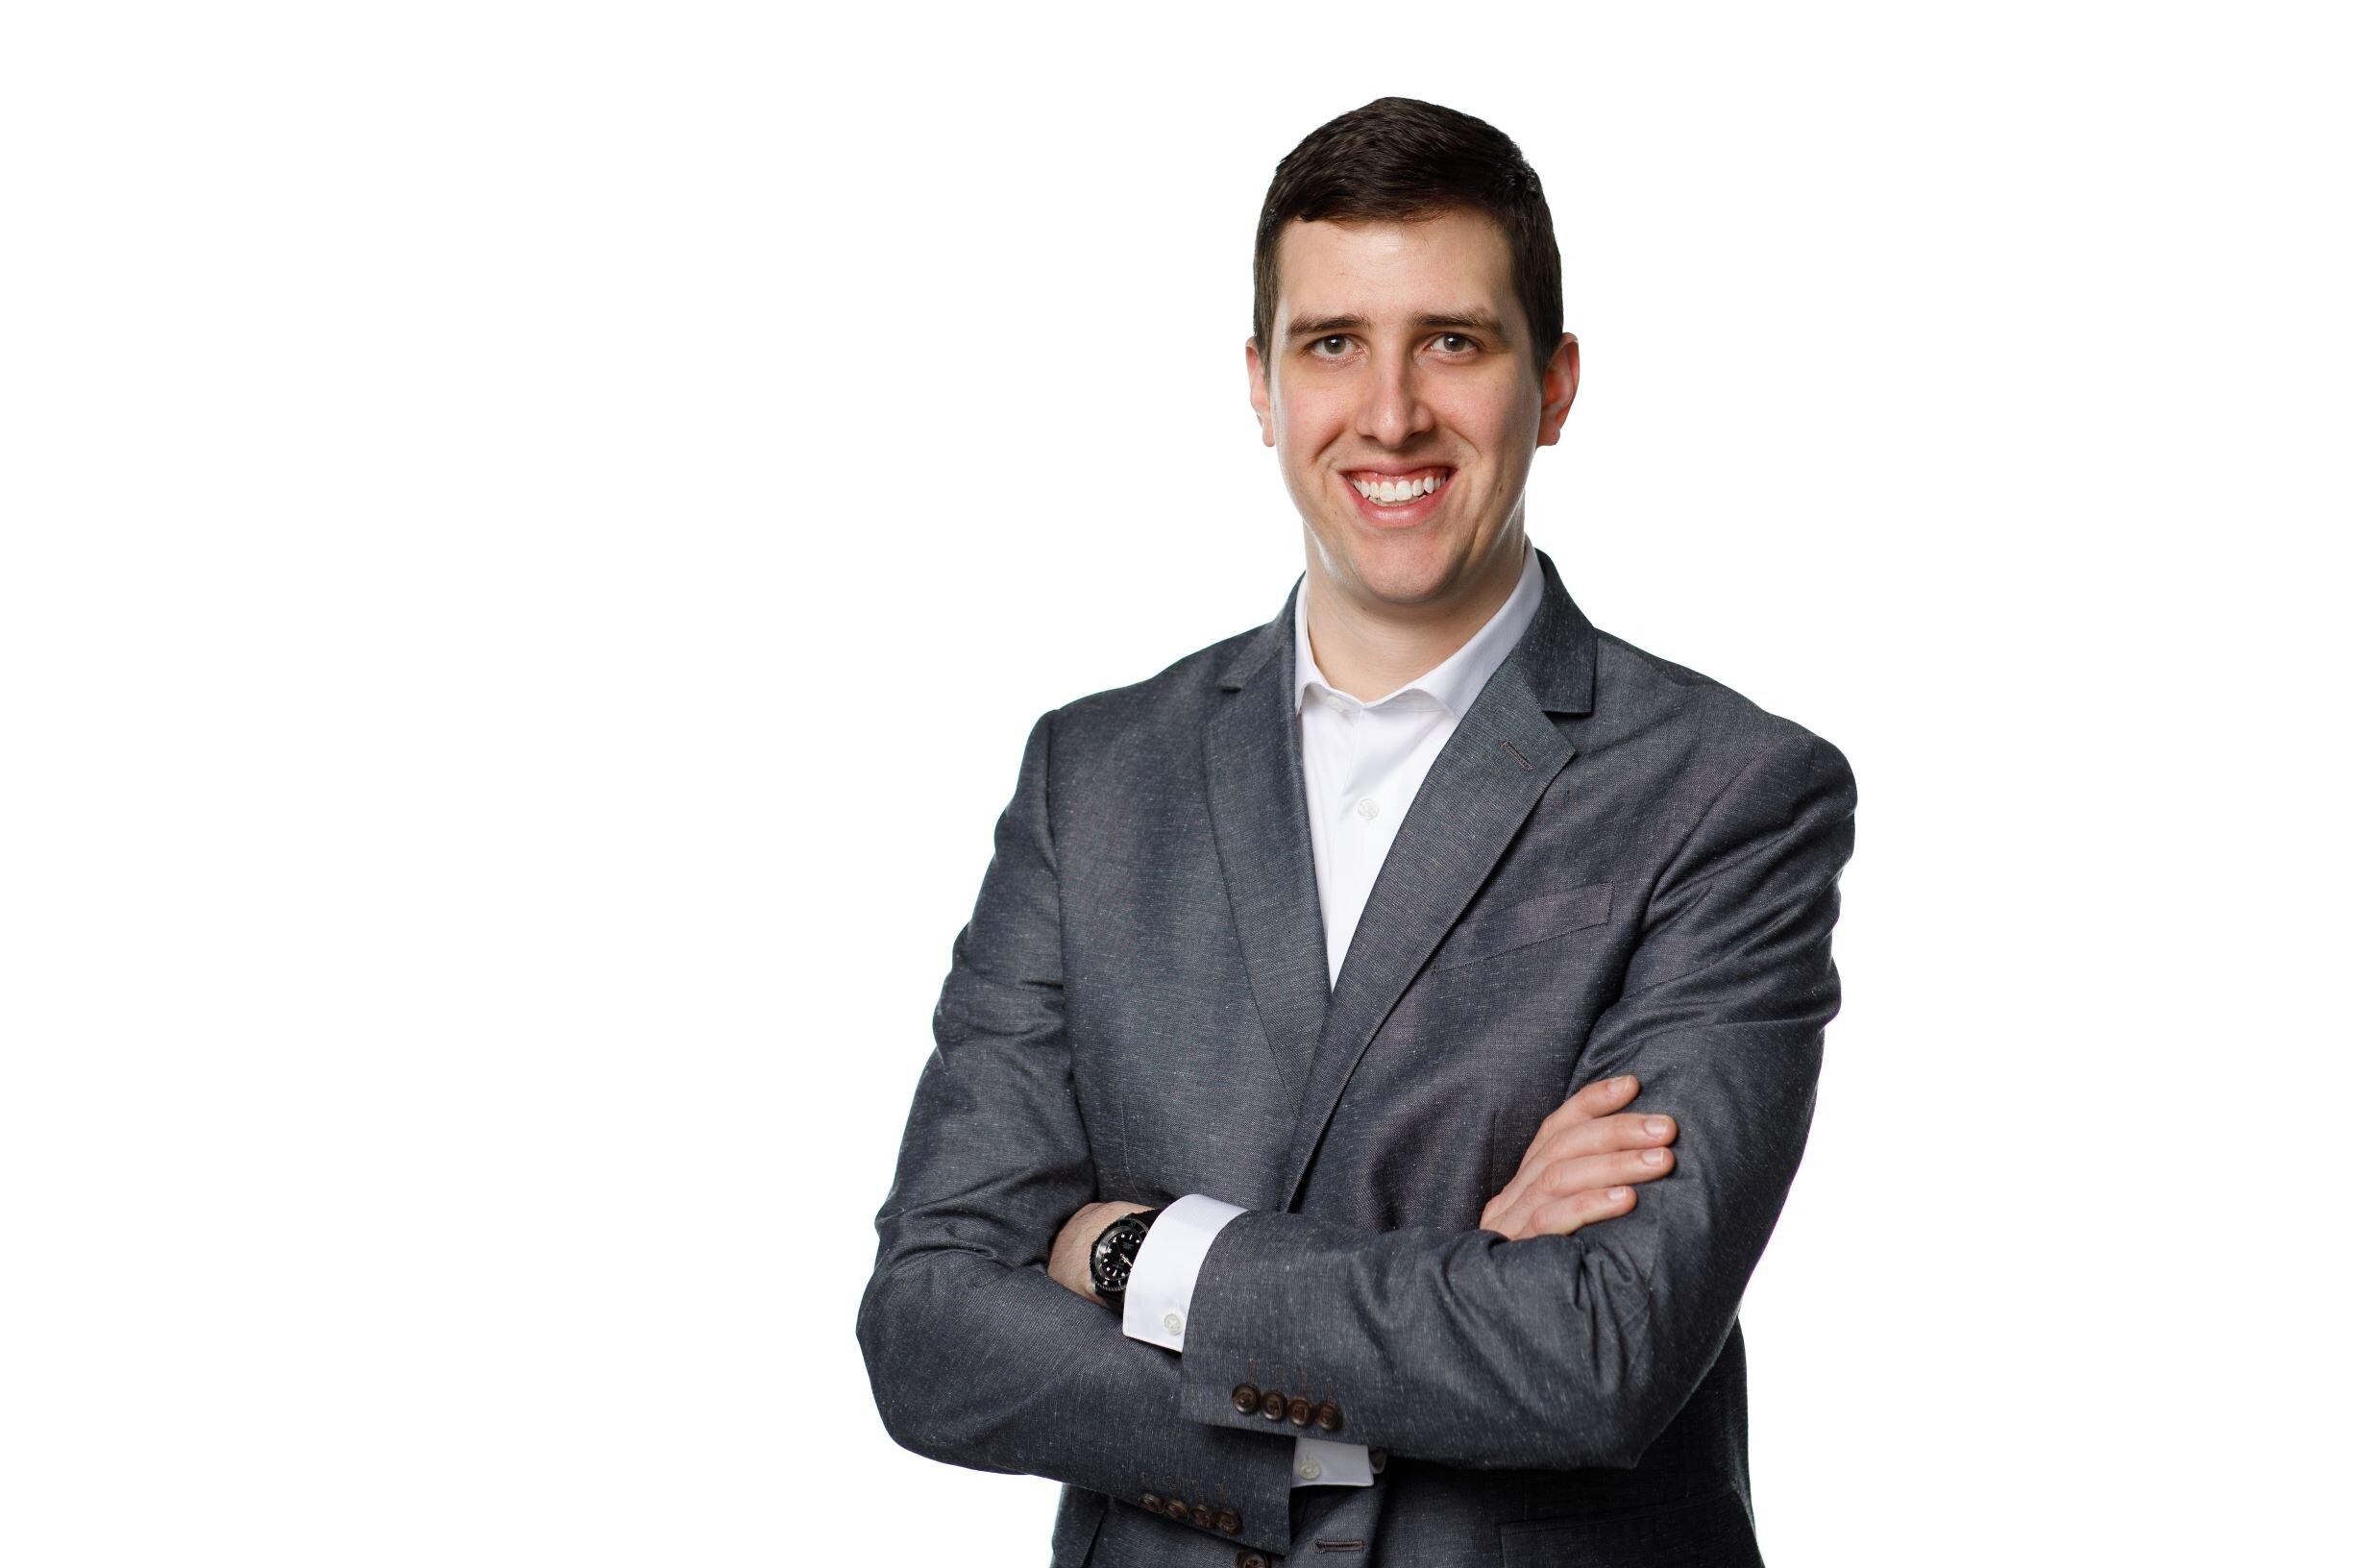 Joshua Goheen Associate Broker  joshua@modelrealestate.org (574) 215-4407